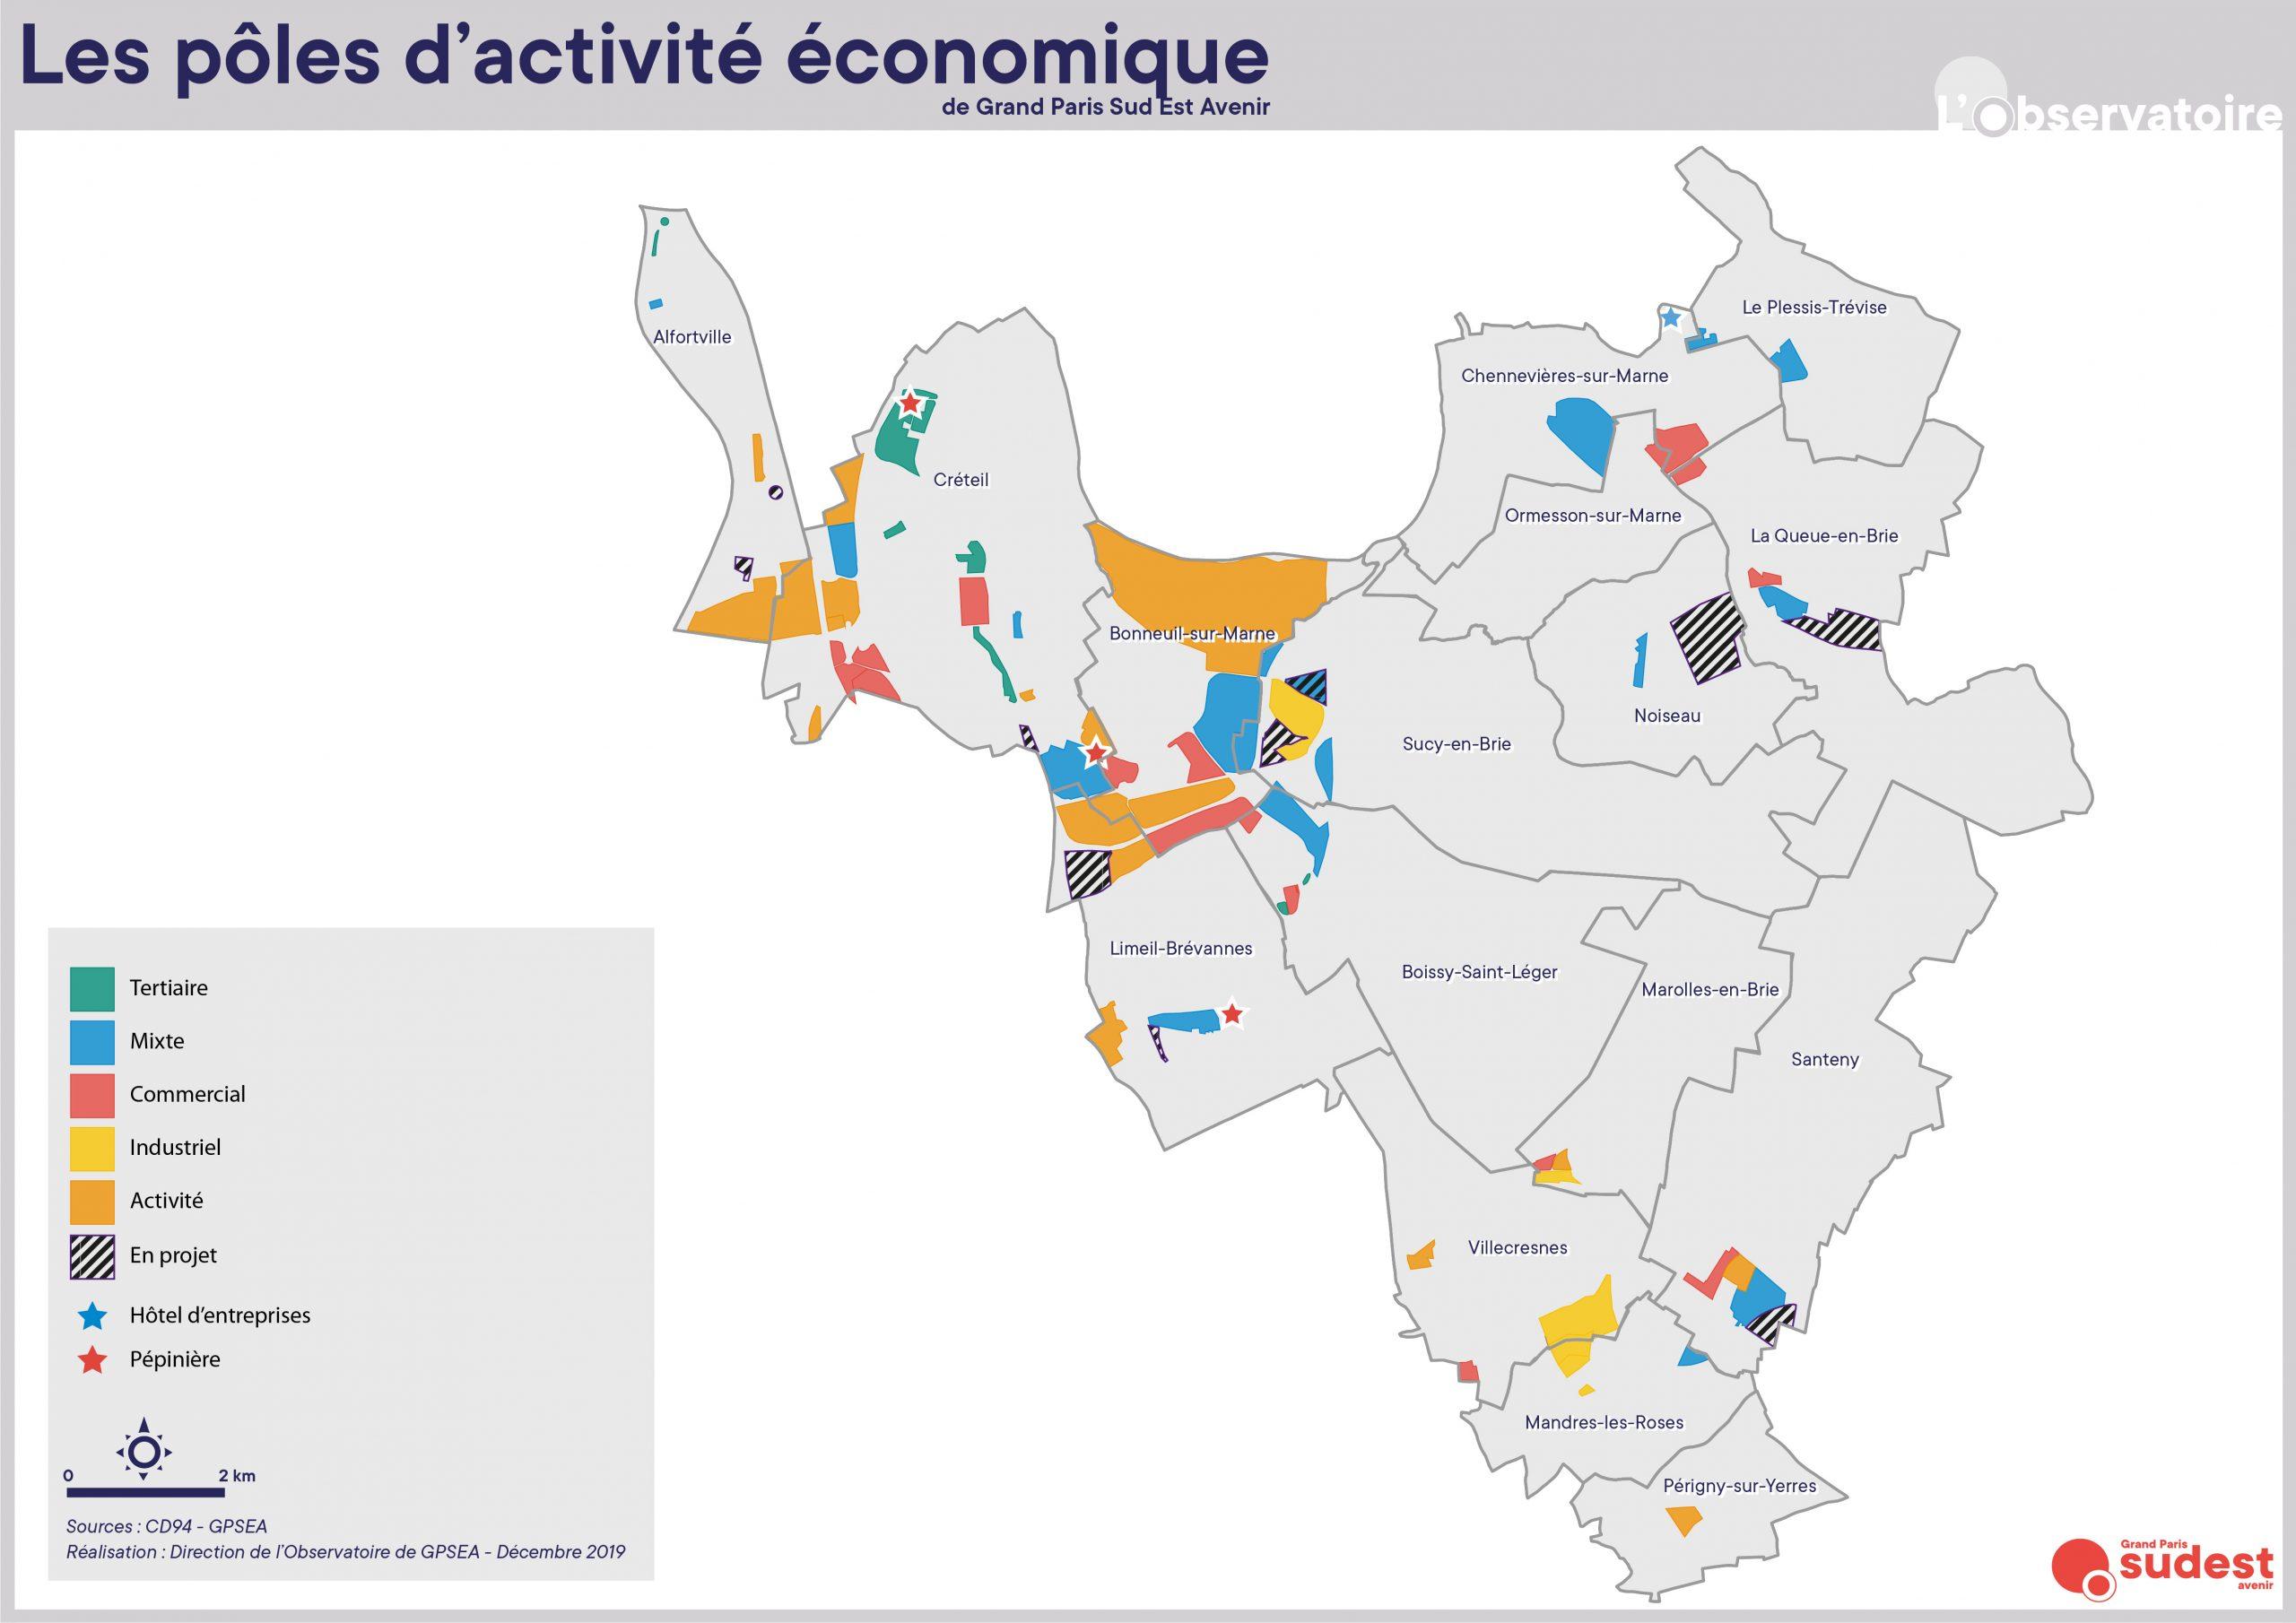 pole activité économique carte